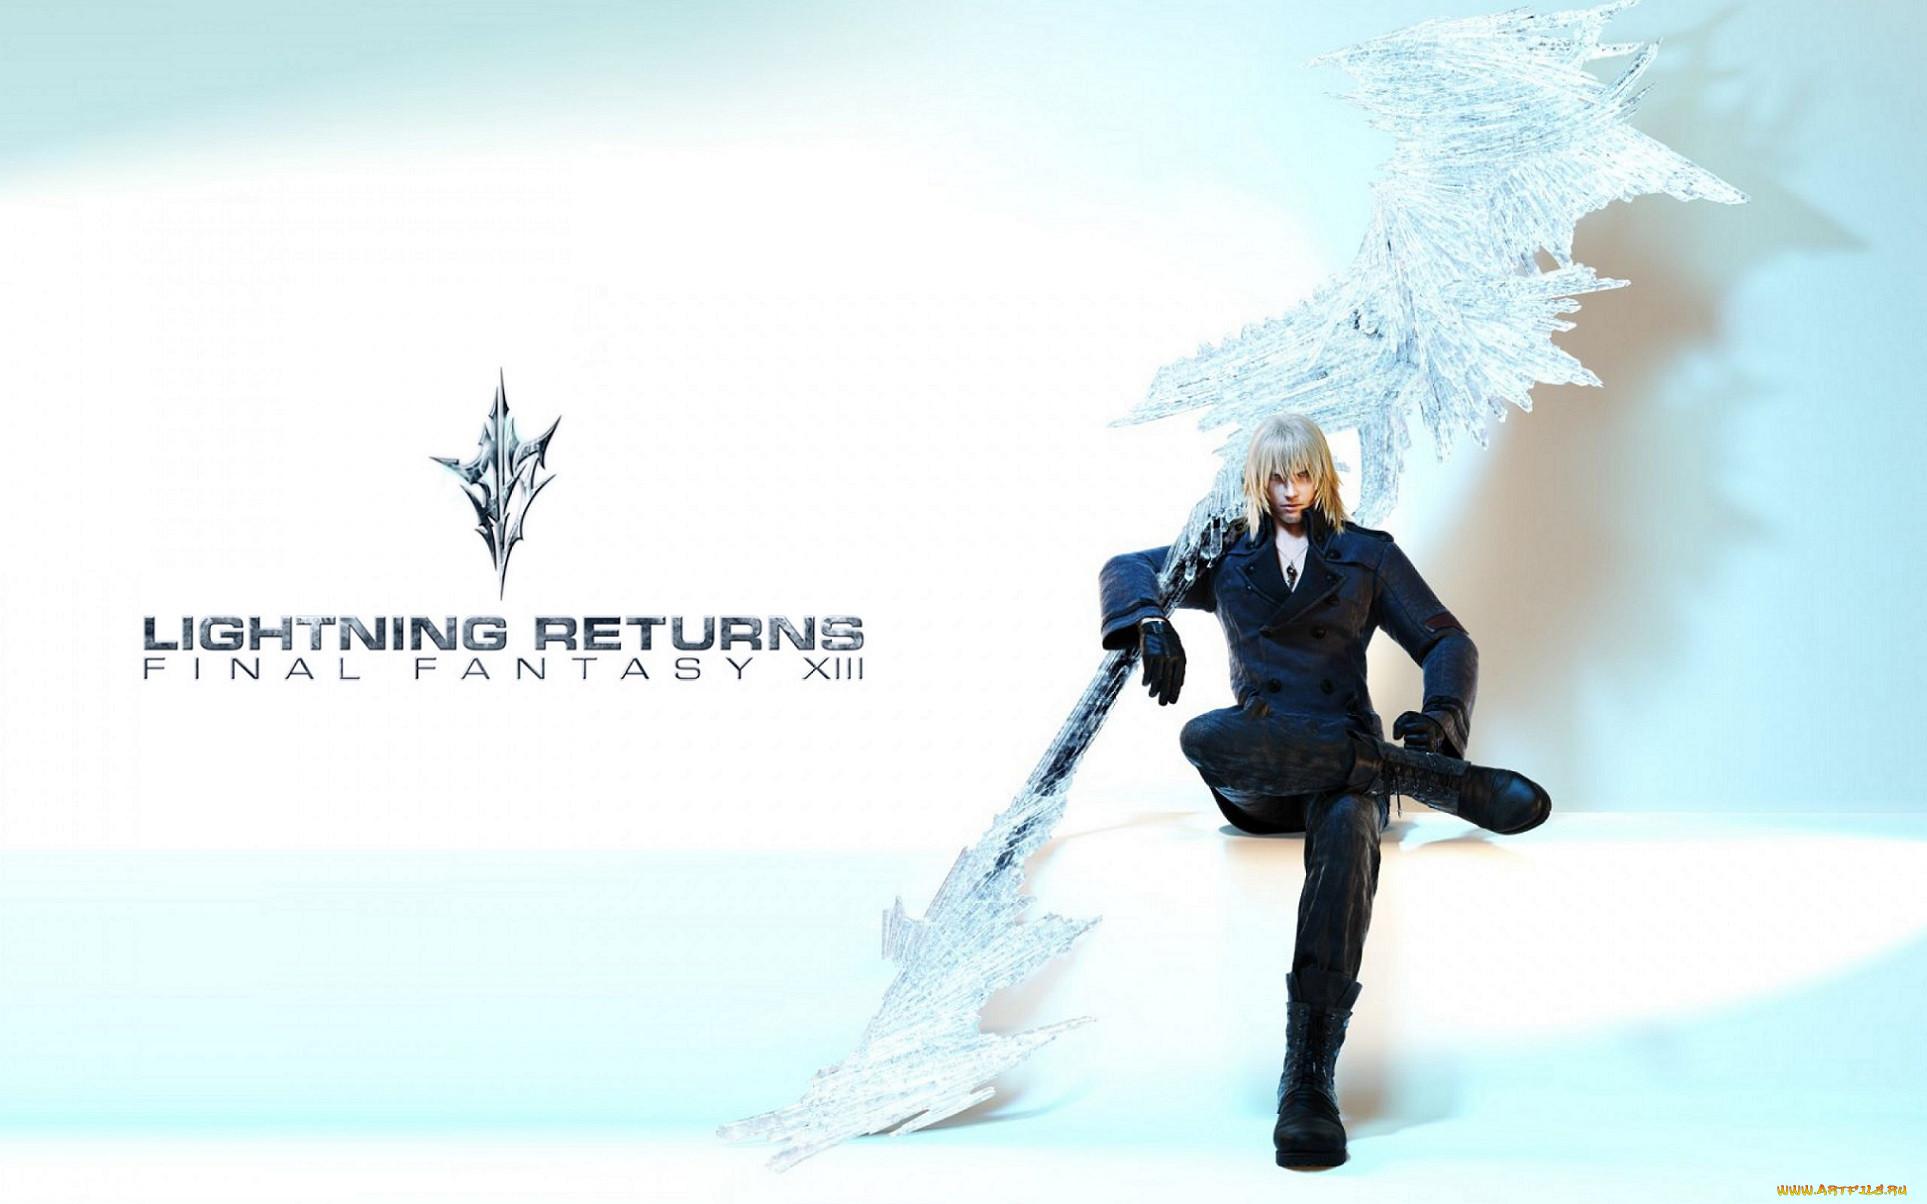 видео игры, final fantasy xiii, final, fantasy, xiii, lightning, returns, snow